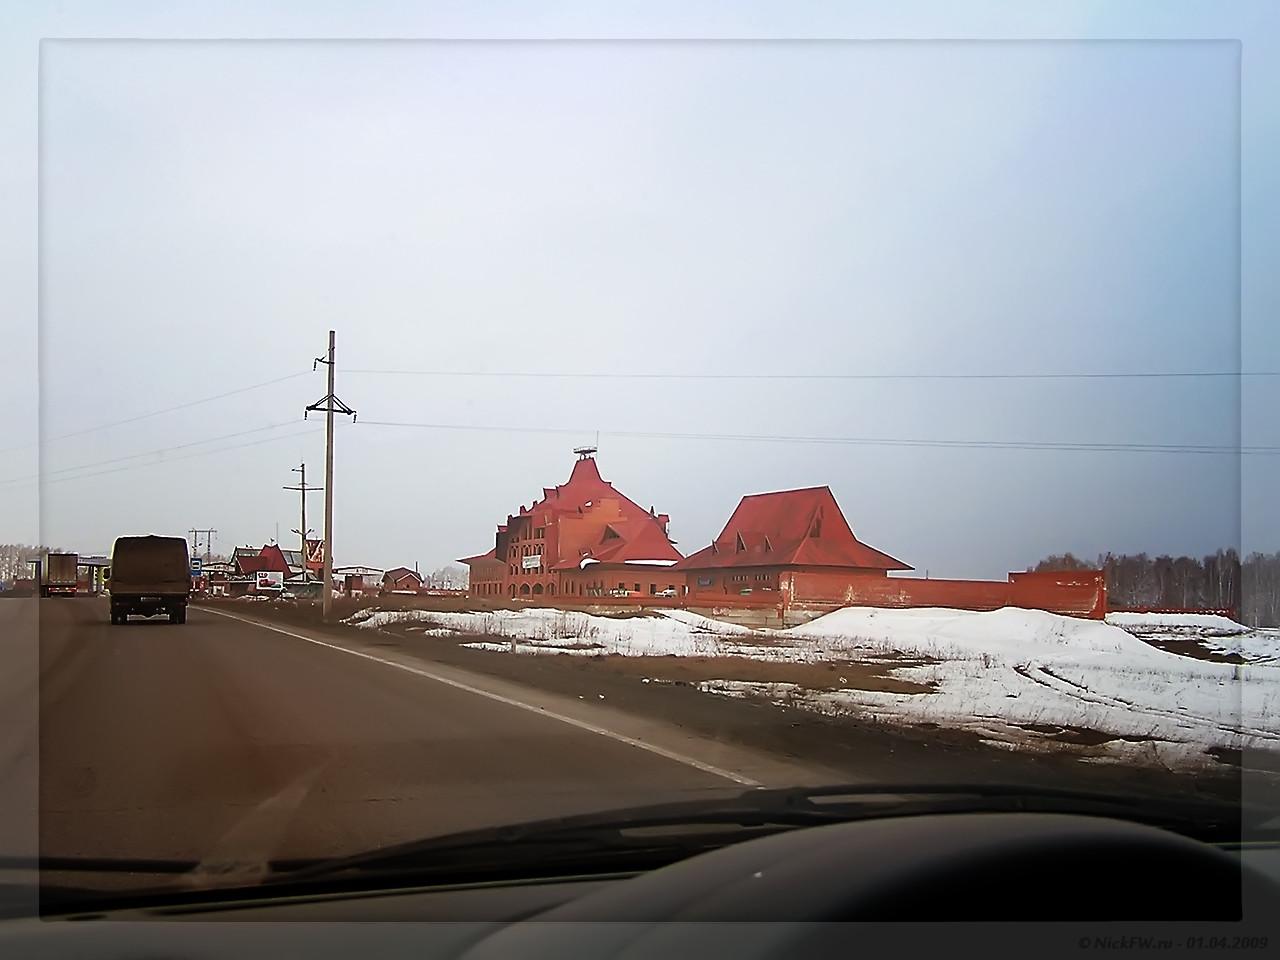 Недостроенный придорожный комплекс - Боготол (© NickFW - 01.04.2009)